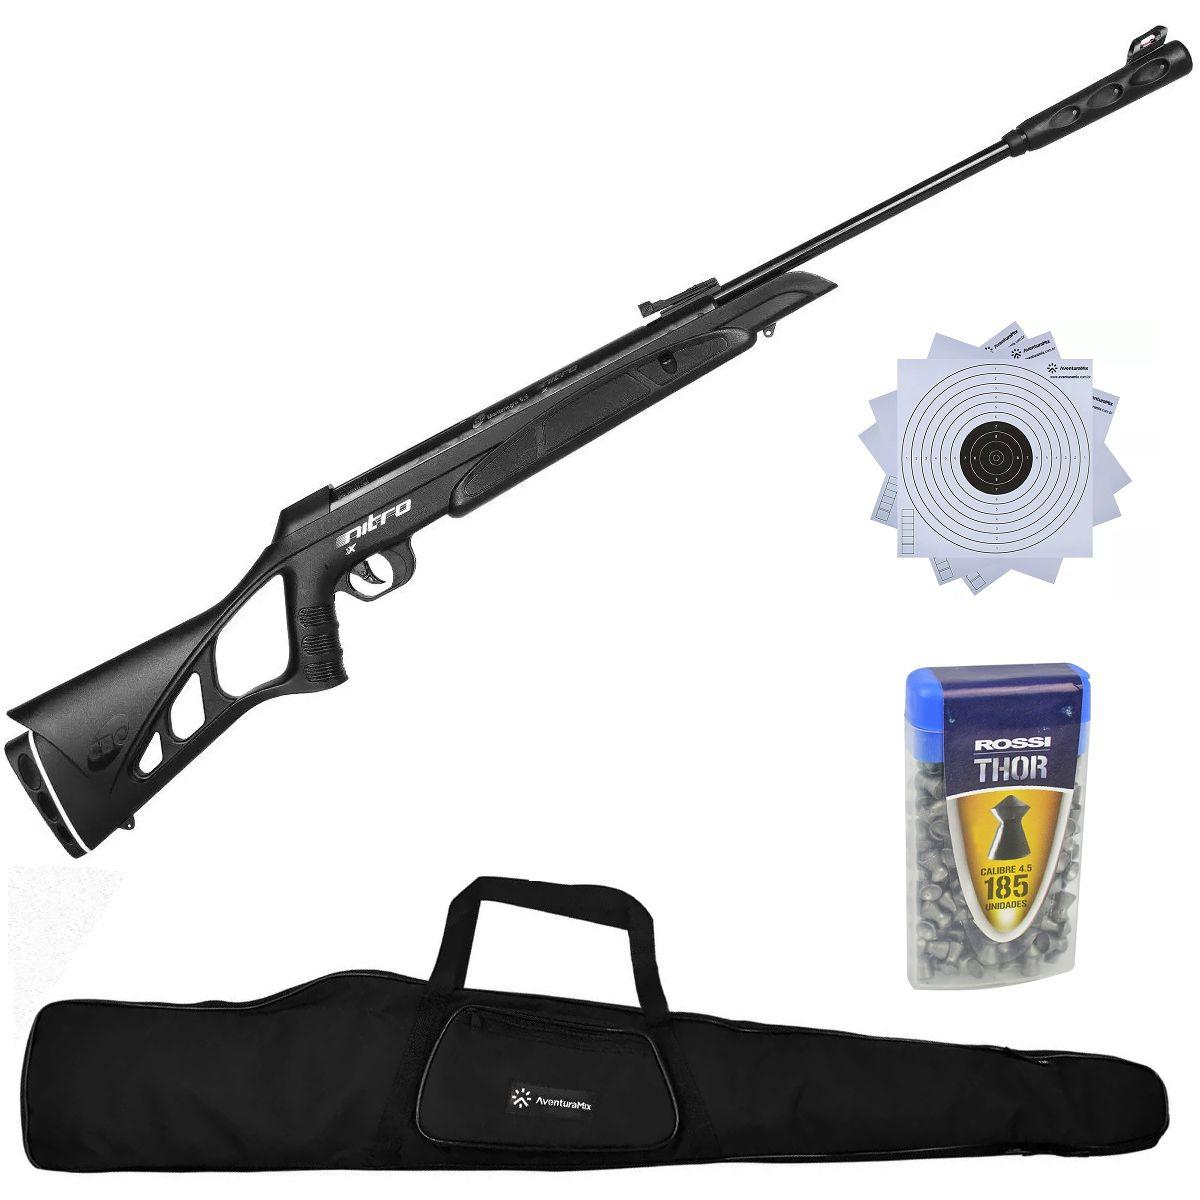 Carabina de Pressão CBC F18 Nitro X 1300 Oxidada PP 4.5mm + Capa + Chumbinho + Alvos